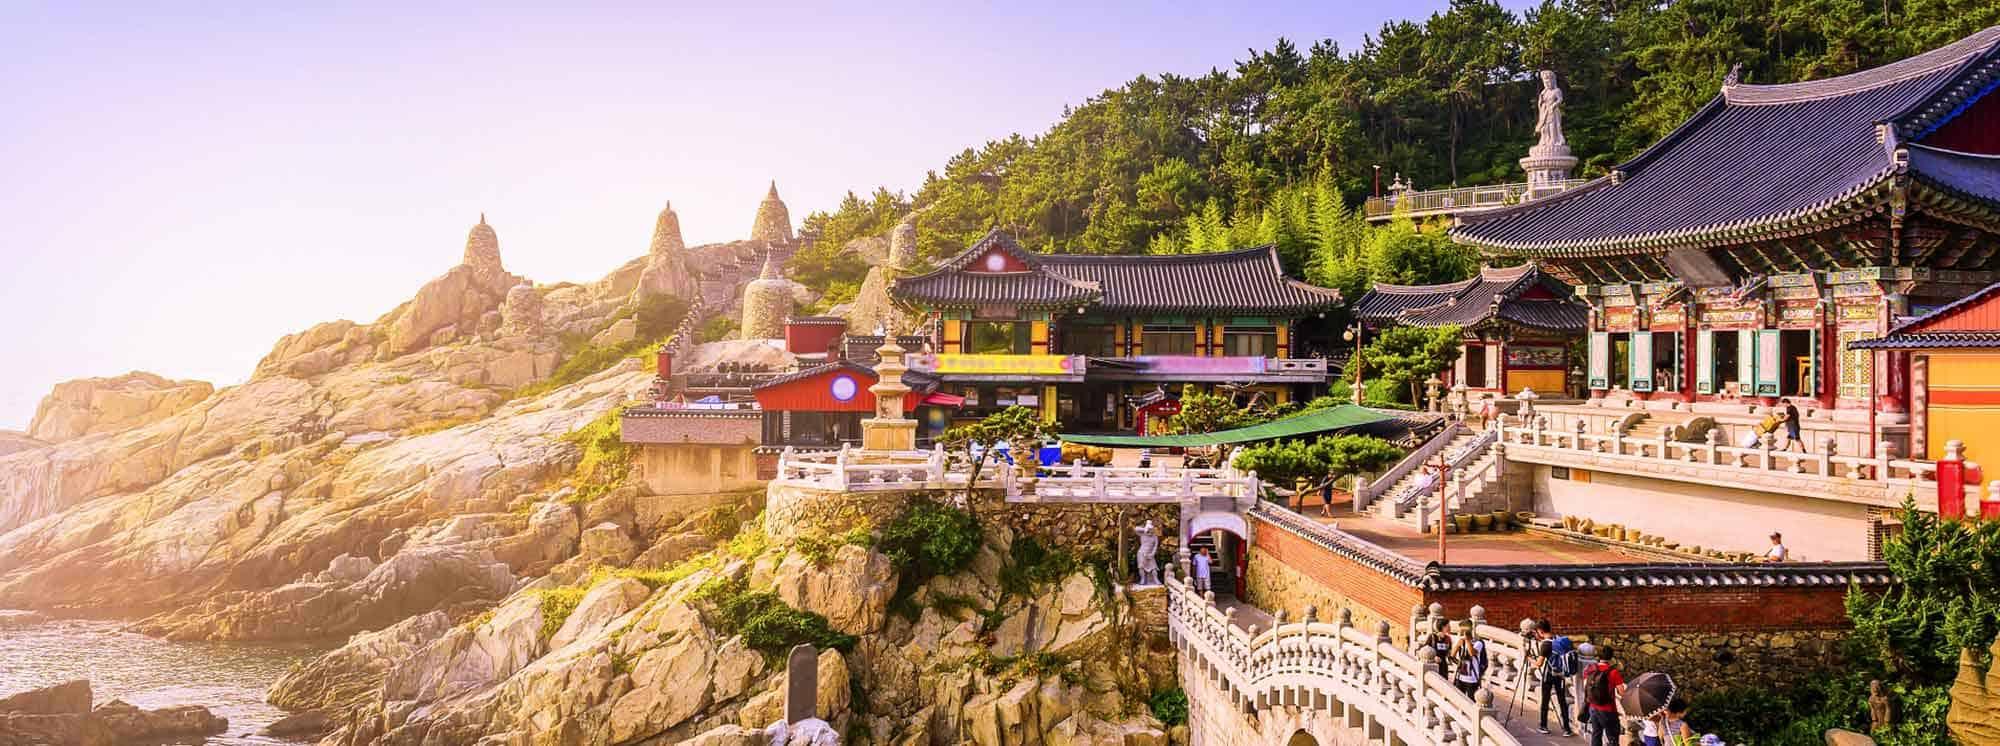 Les meilleures écoles britanniques en Corée du Sud